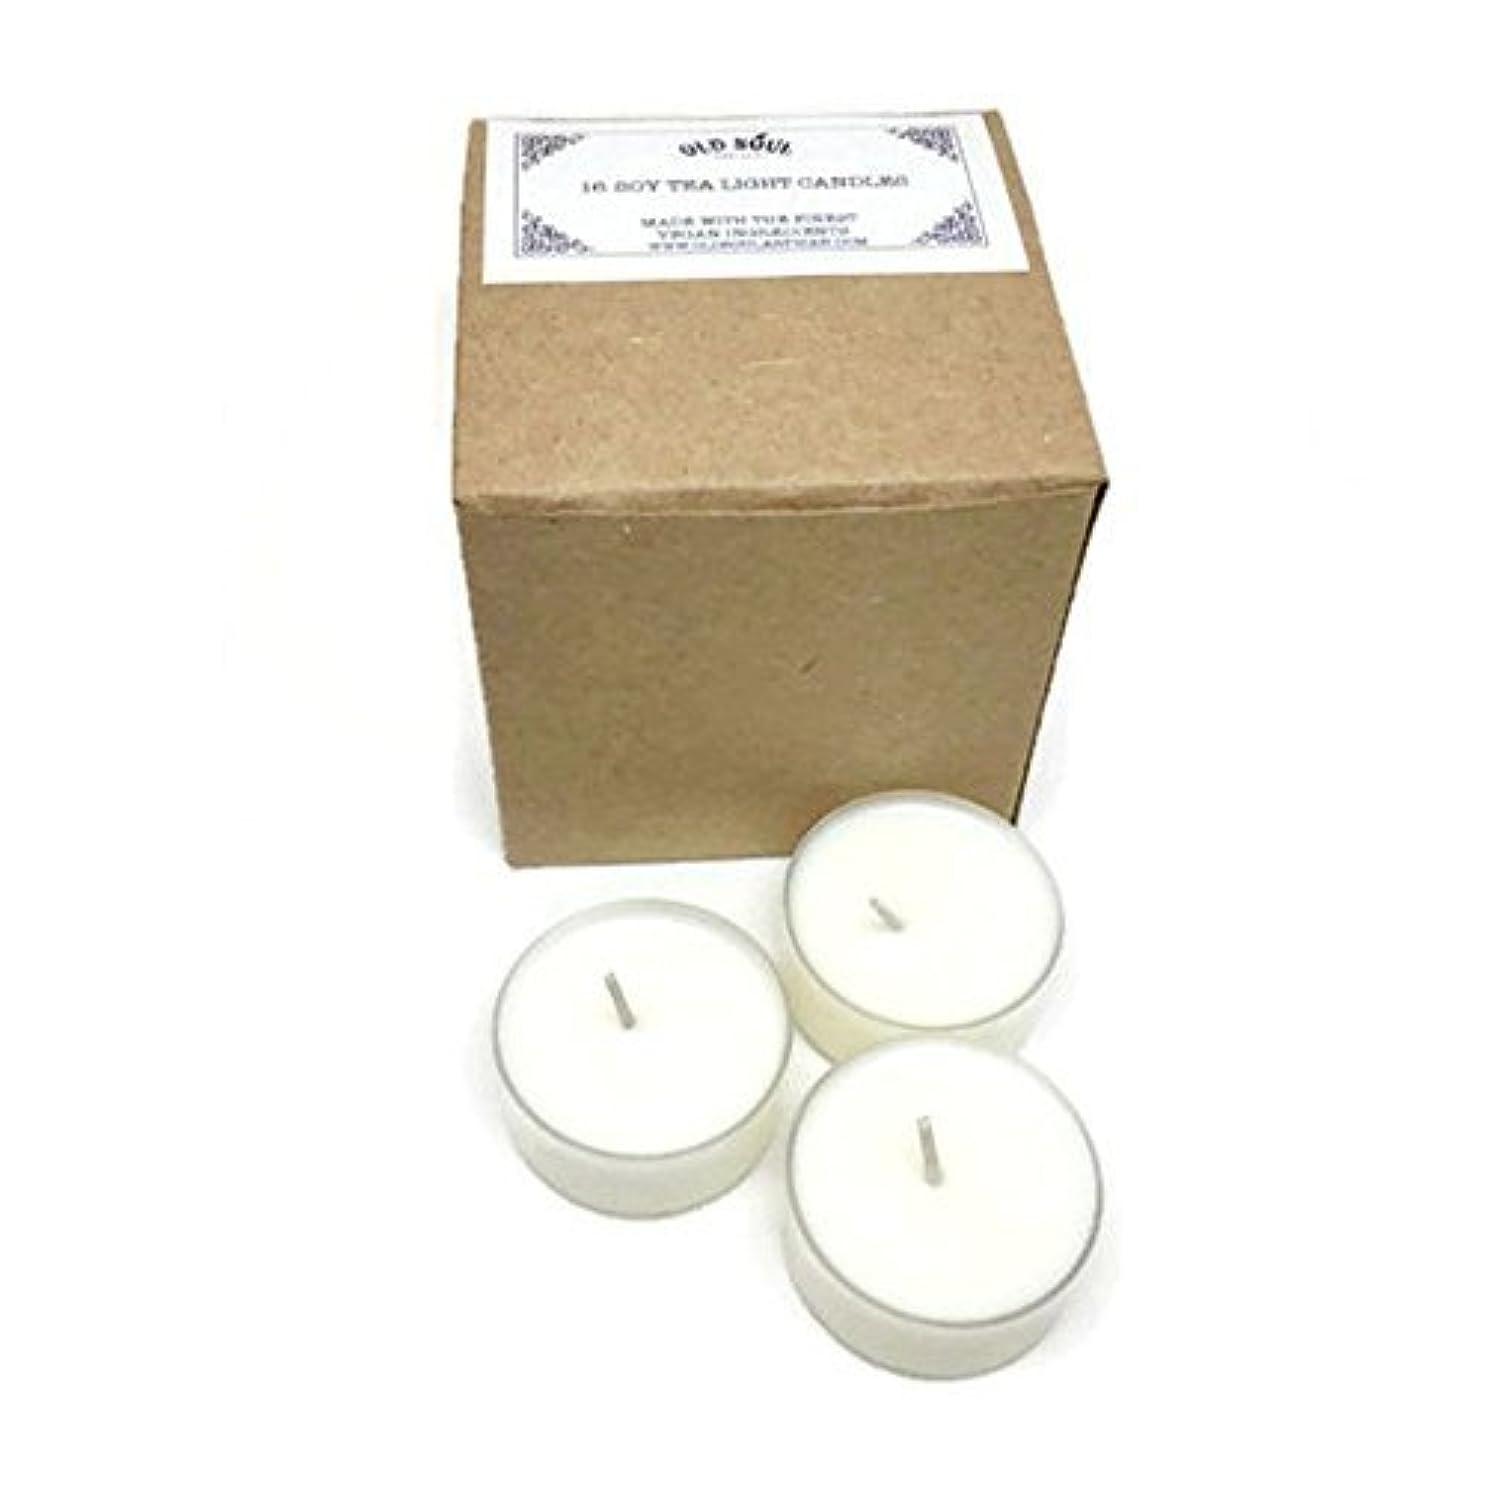 にんじん球状気になるEgyptian Amber Scented Vegan Soy Tea Light Candles - 16 Box Set [並行輸入品]